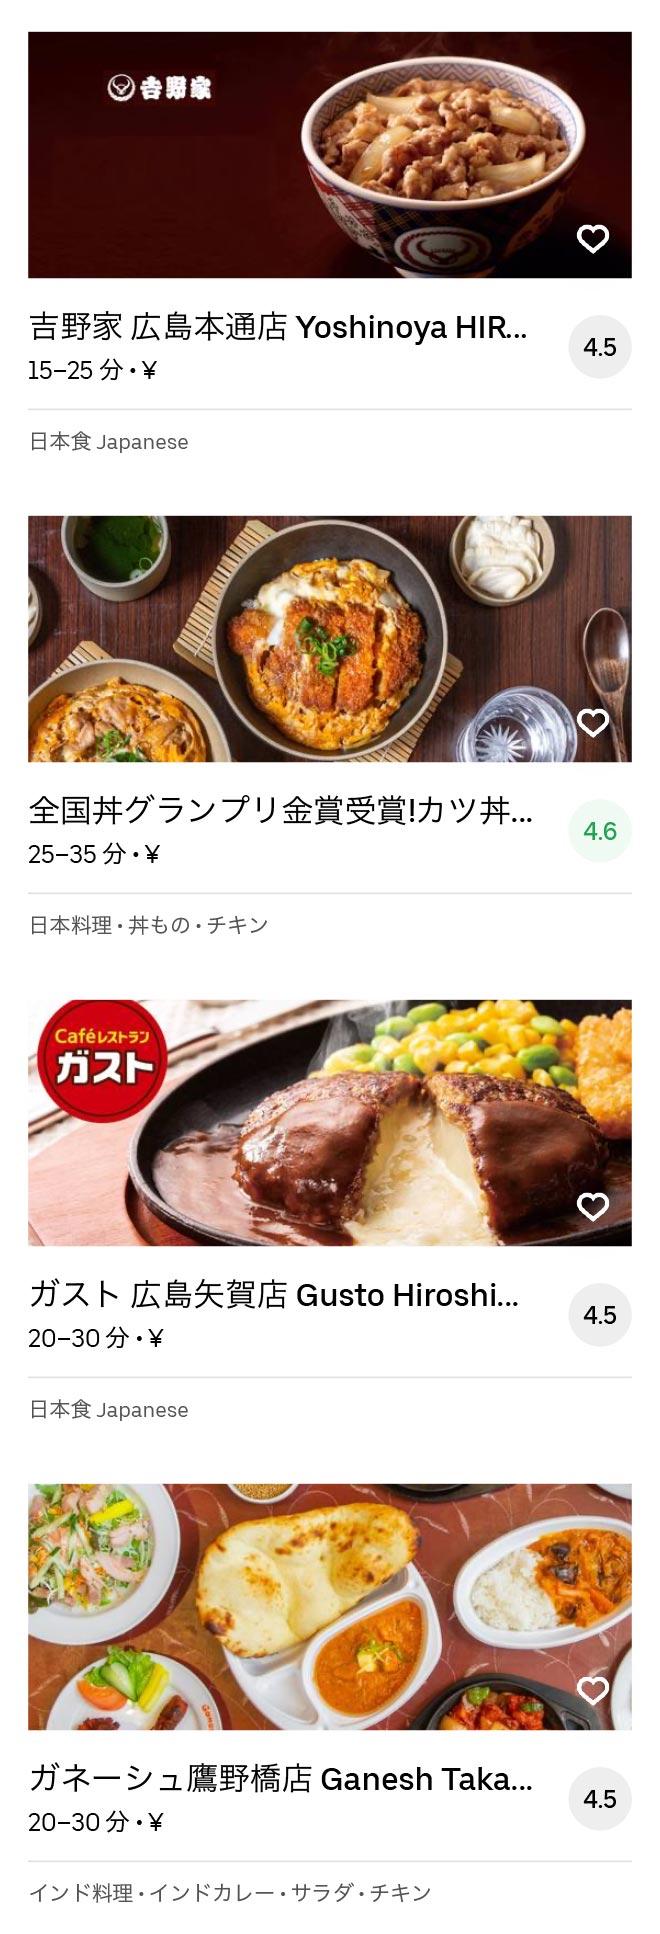 Hiroshima menu 2005 07